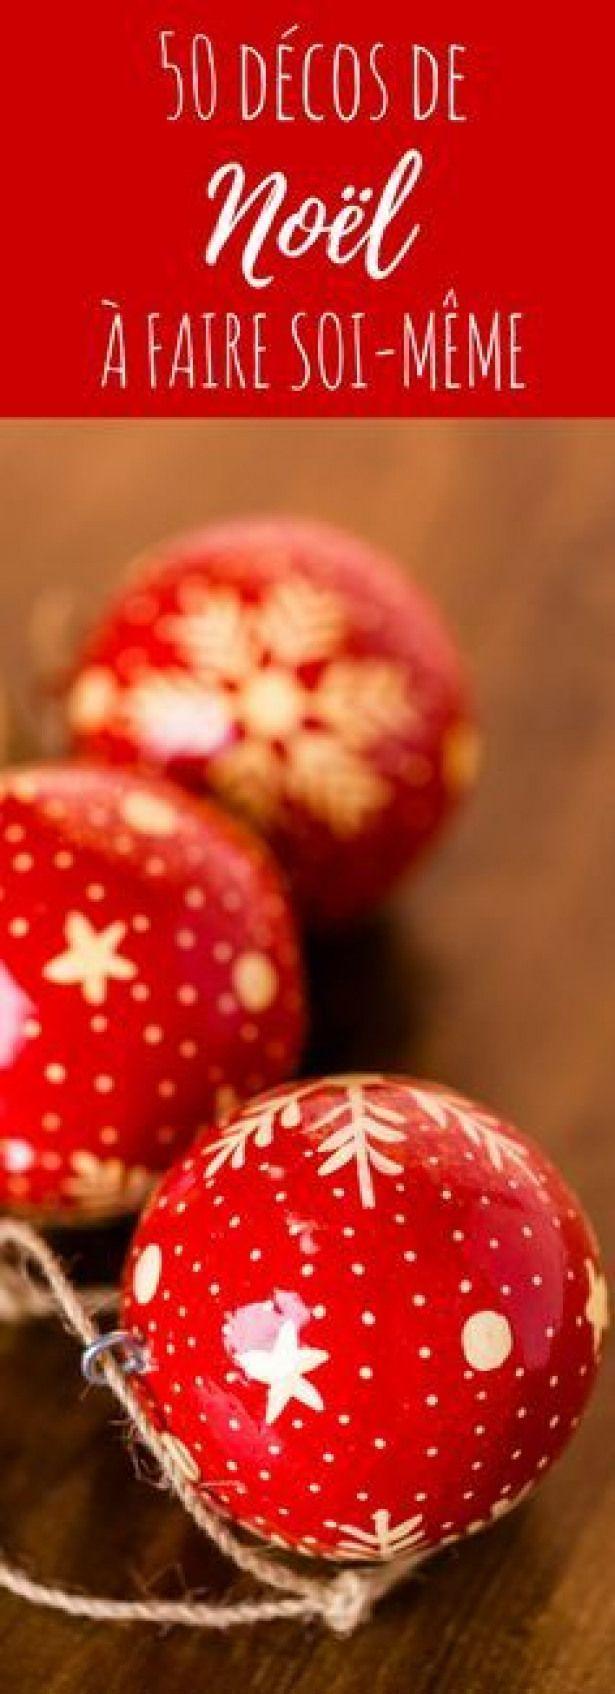 Boules de Noël crèche centre de table : 50 DIY de décos de Noël à fabriquer soi-même ! #christmasdecor #christmas #decor #table #déconoelfaitmain Boules de Noël crèche centre de table : 50 DIY de décos de Noël à fabriquer soi-même ! #christmasdecor #christmas #decor #table #decorationnoelfaitmainenfant